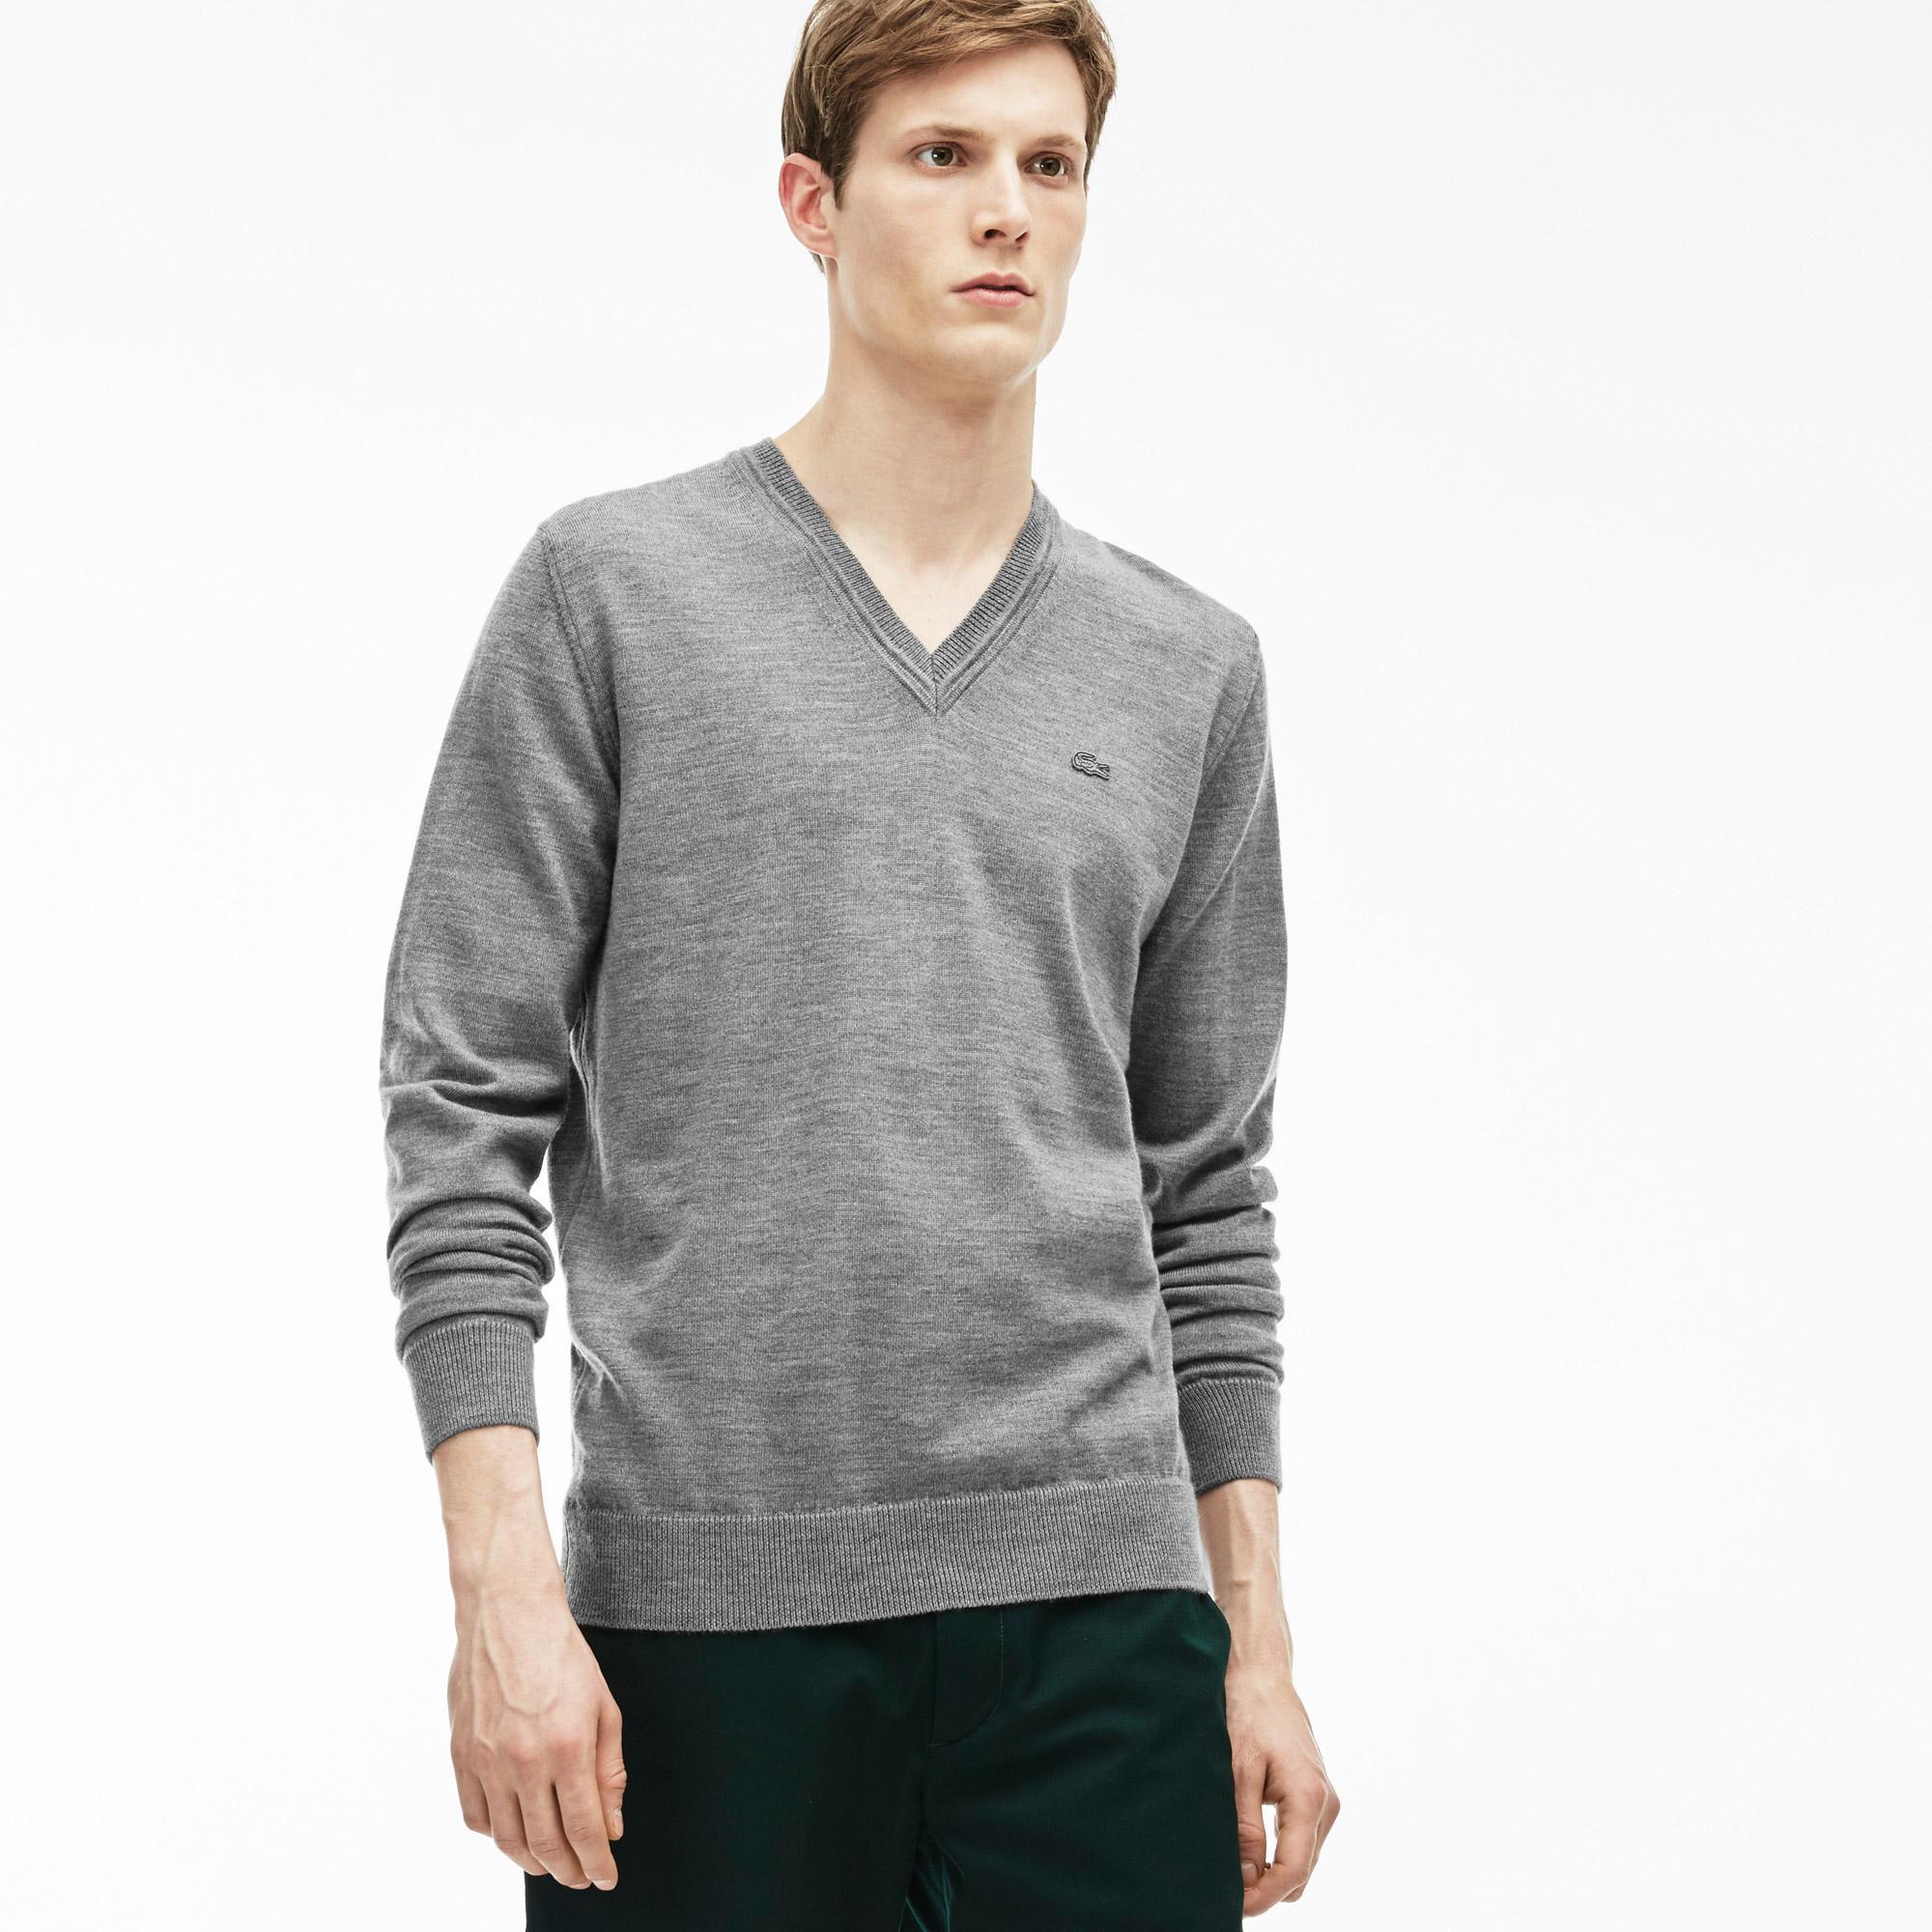 Lacoste Men's V Neck Sweater